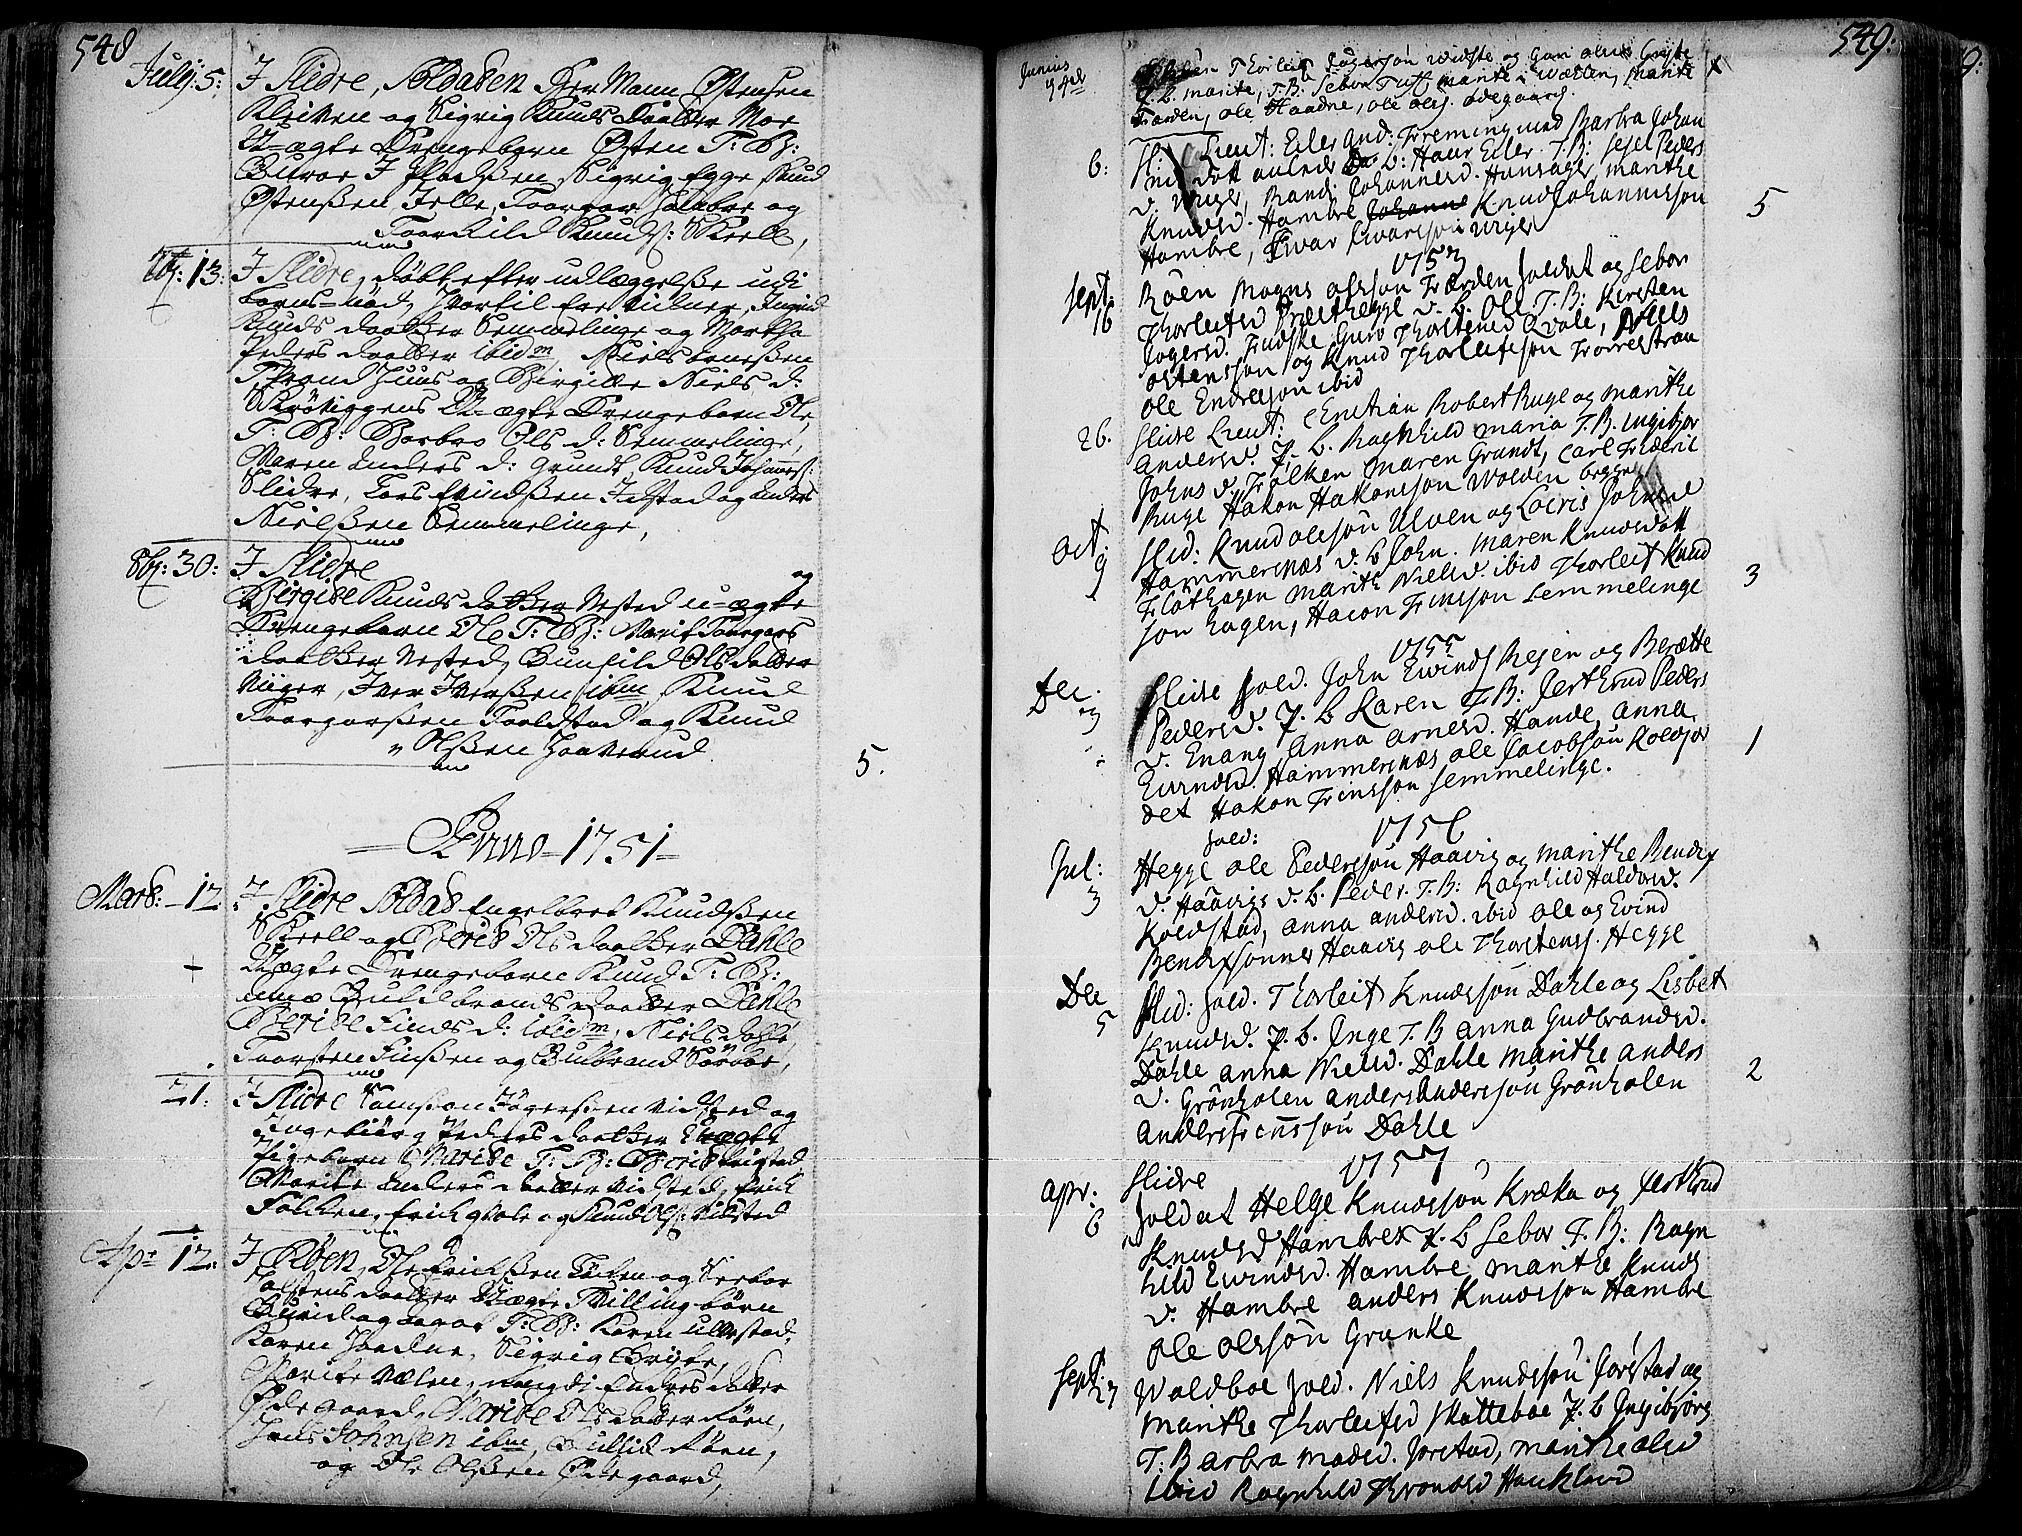 SAH, Slidre prestekontor, Ministerialbok nr. 1, 1724-1814, s. 548-549